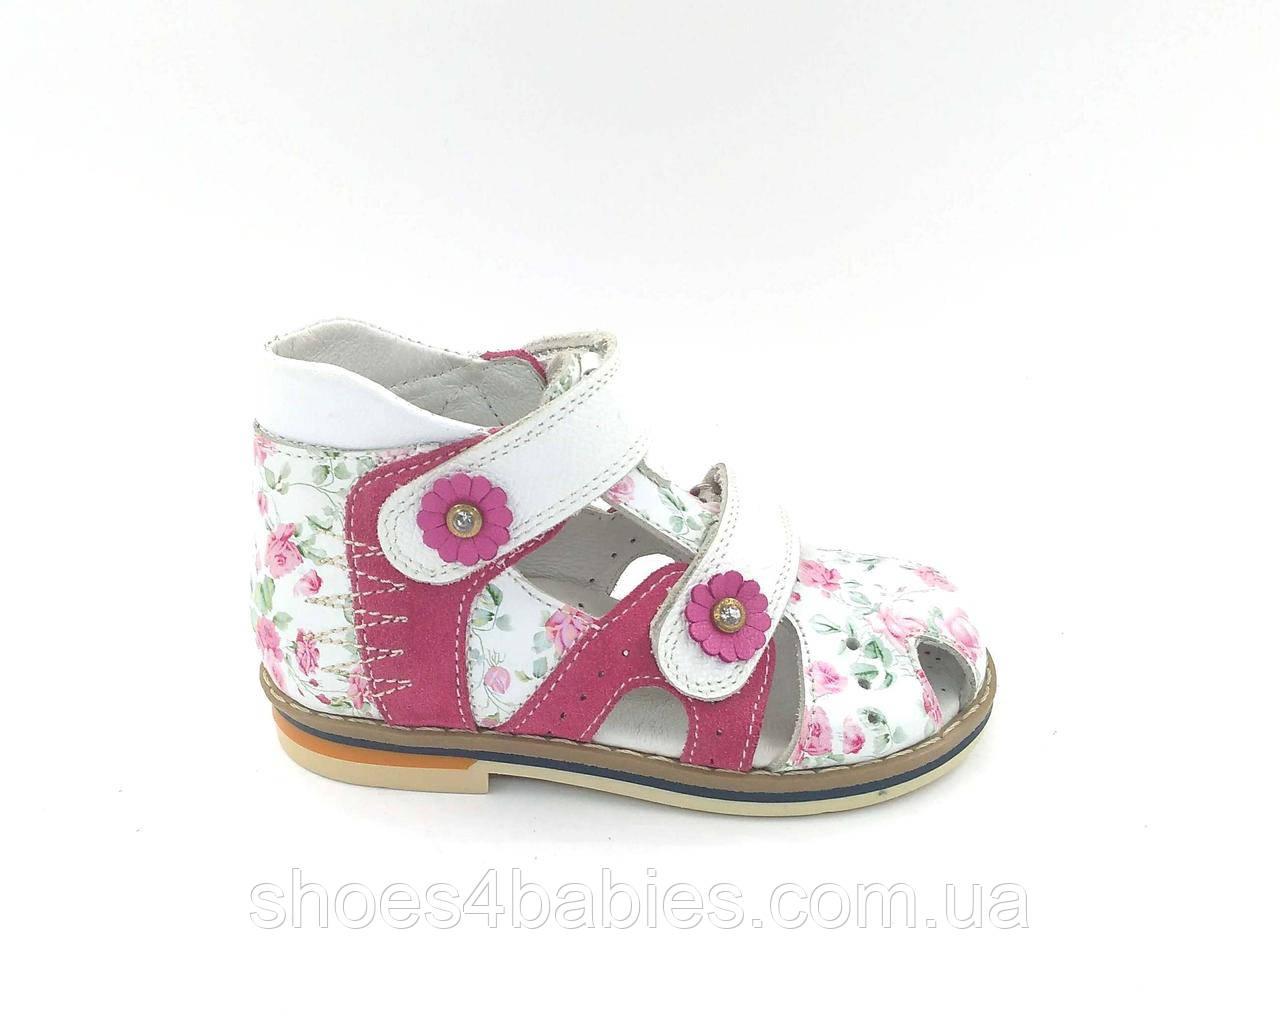 Босоніжки, сандалі, профілактичні, ТМ FS, для дівчинки, р. 23 - 15,5 см